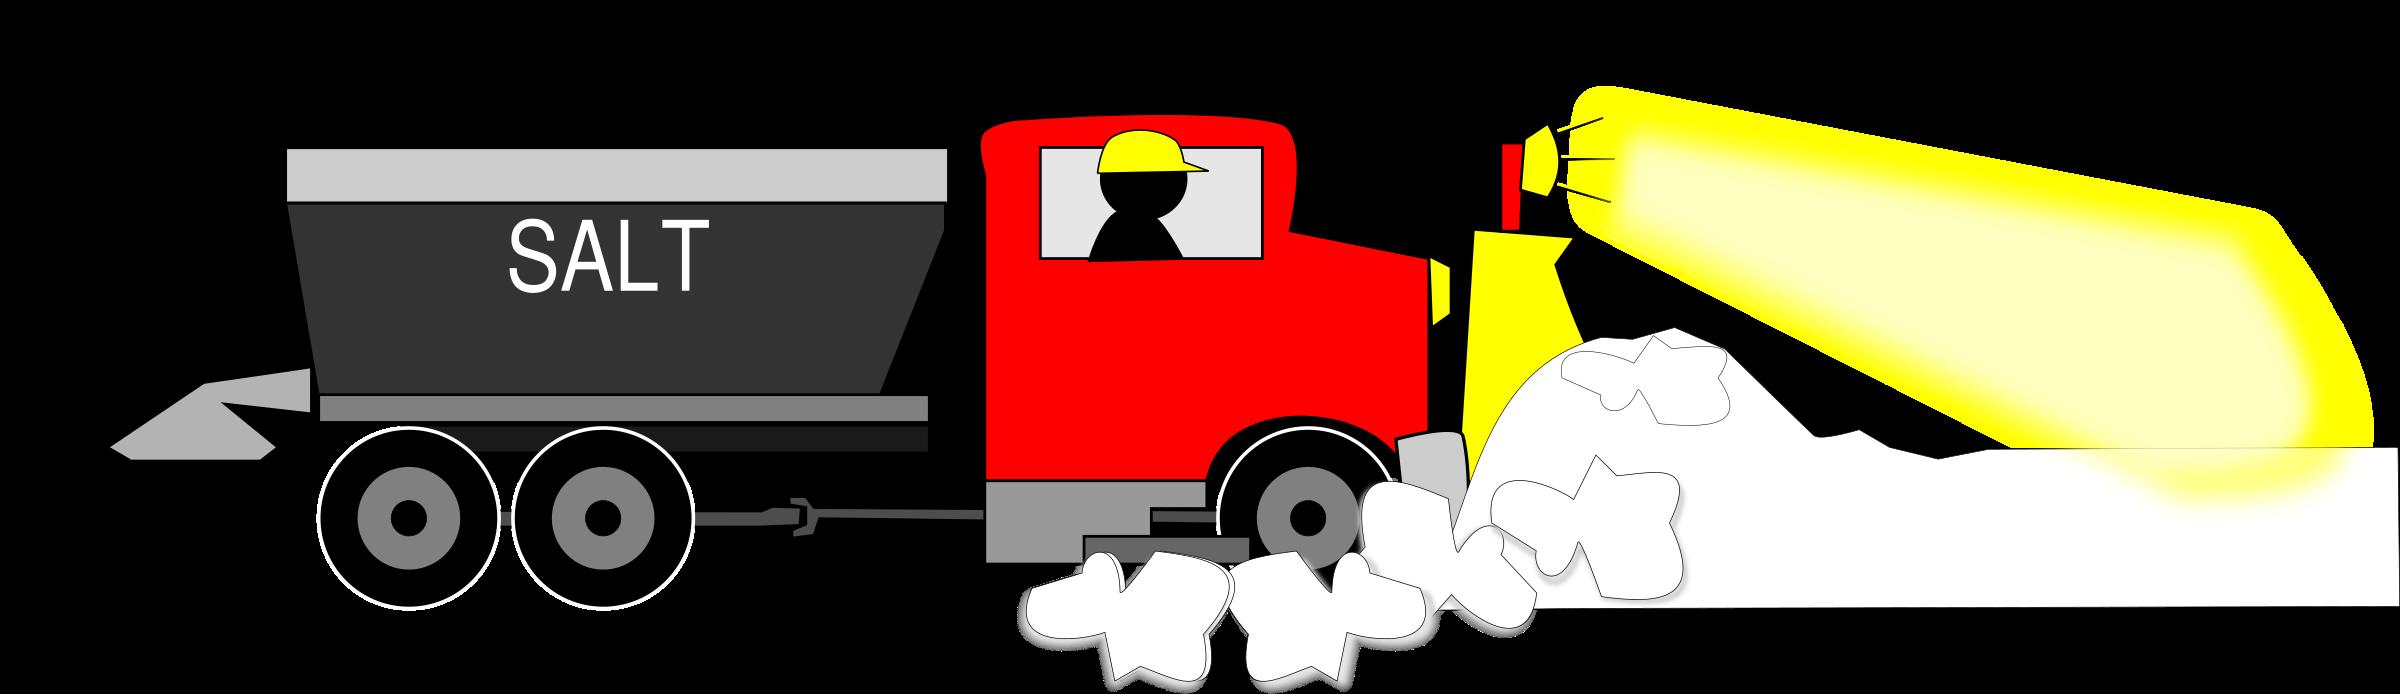 Highway car clipart image free download Salt road clipart - Clipground image free download